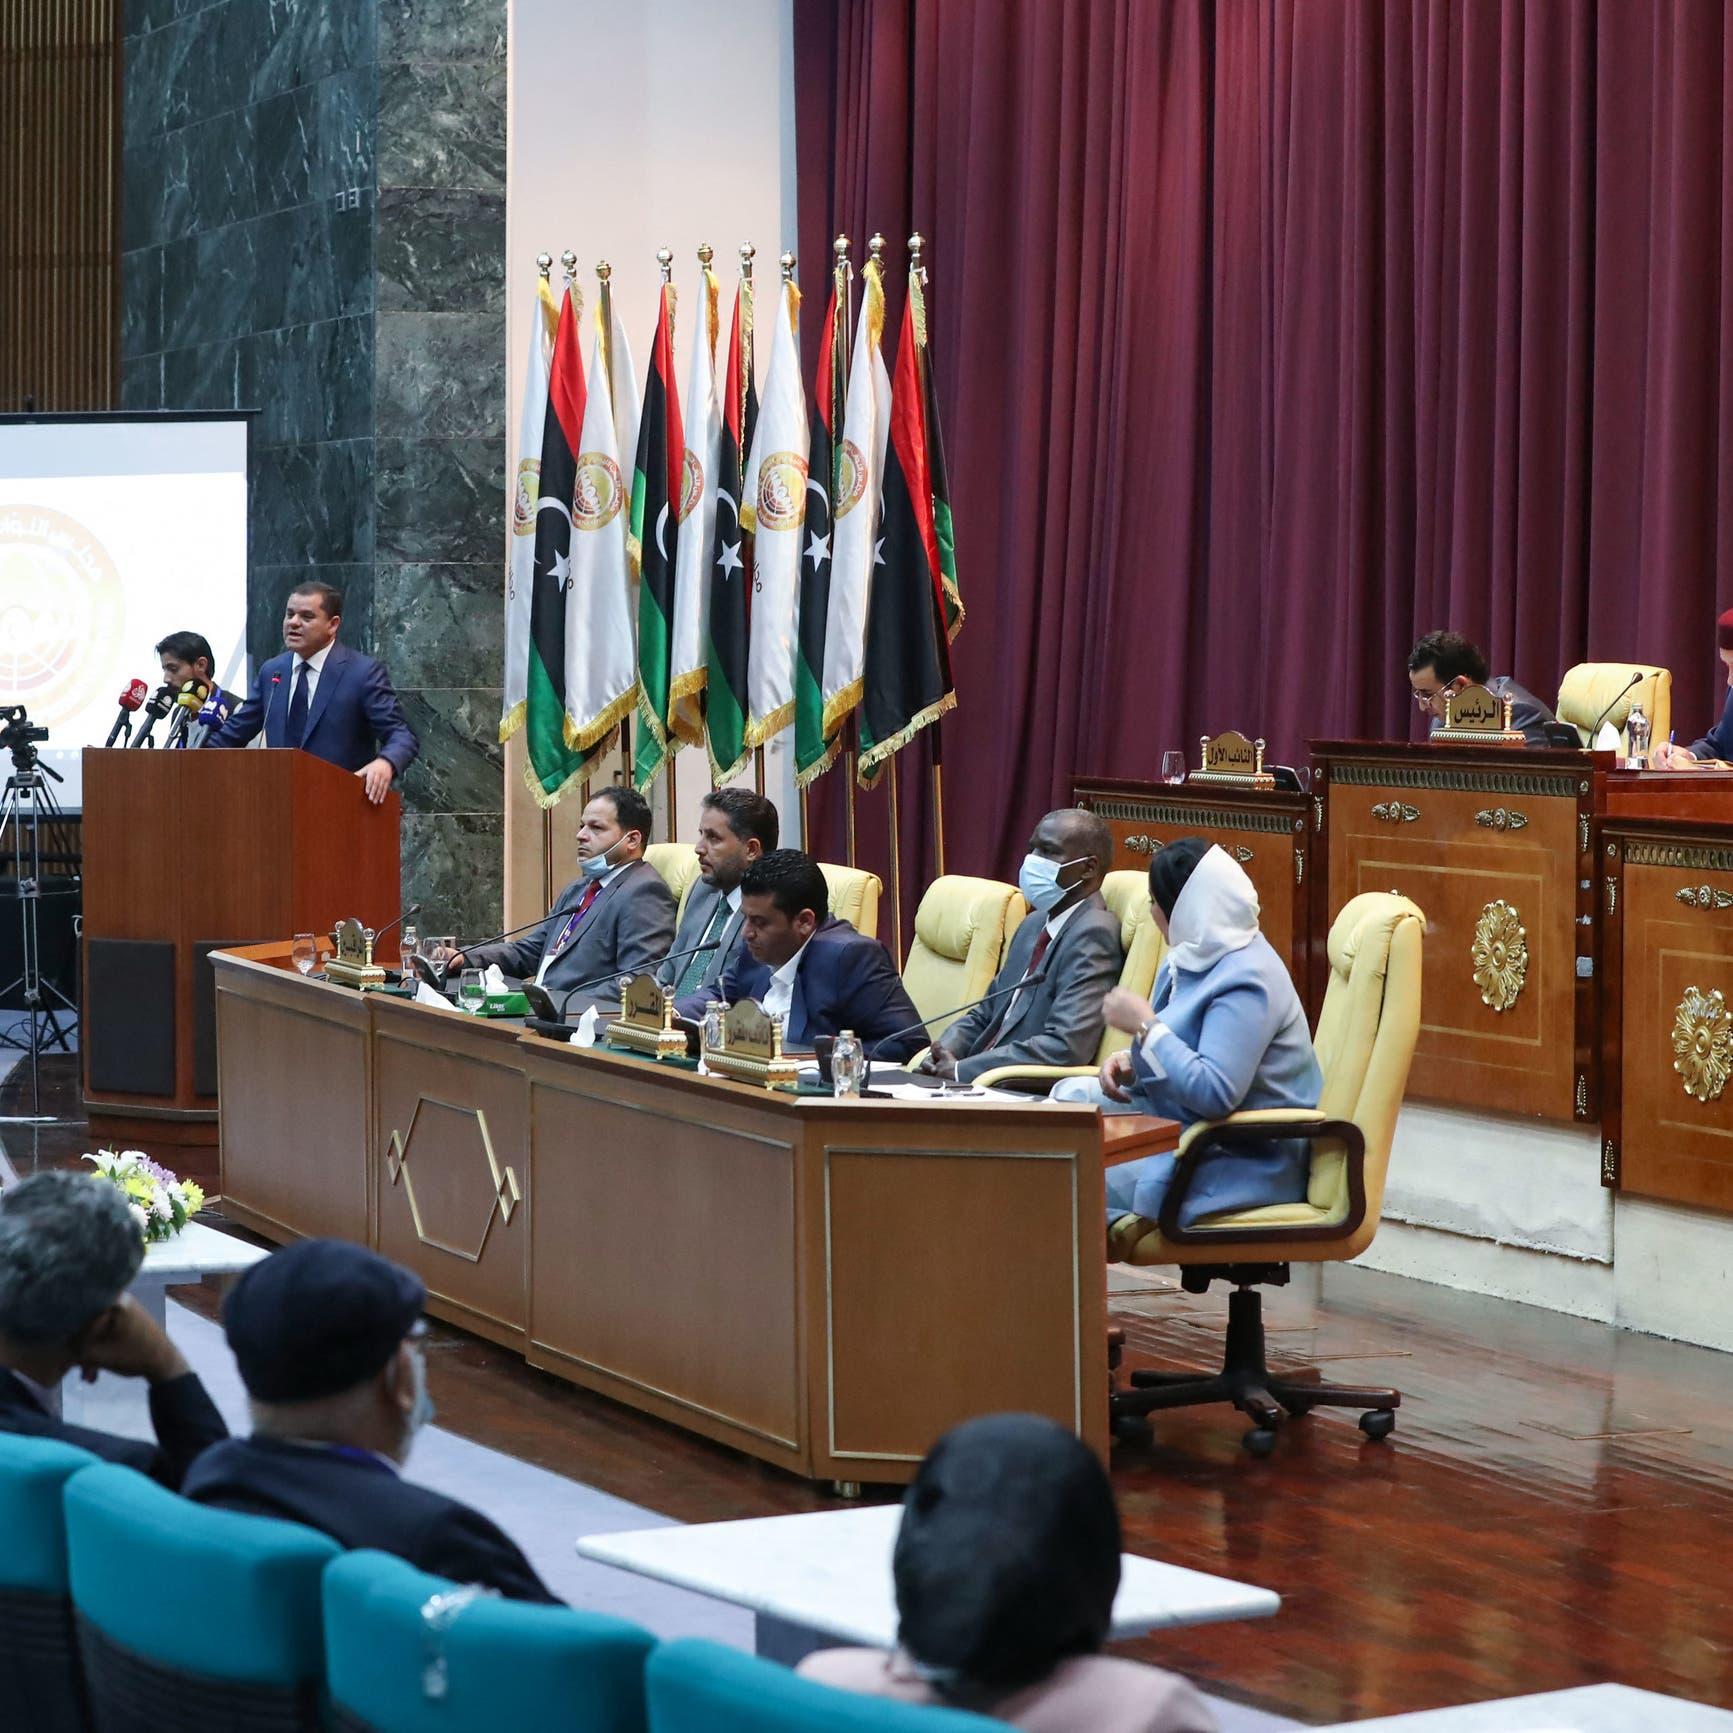 الوفاق: منح الثقة لحكومة الدبيبة خطوة مهمة لإنهاء القتال